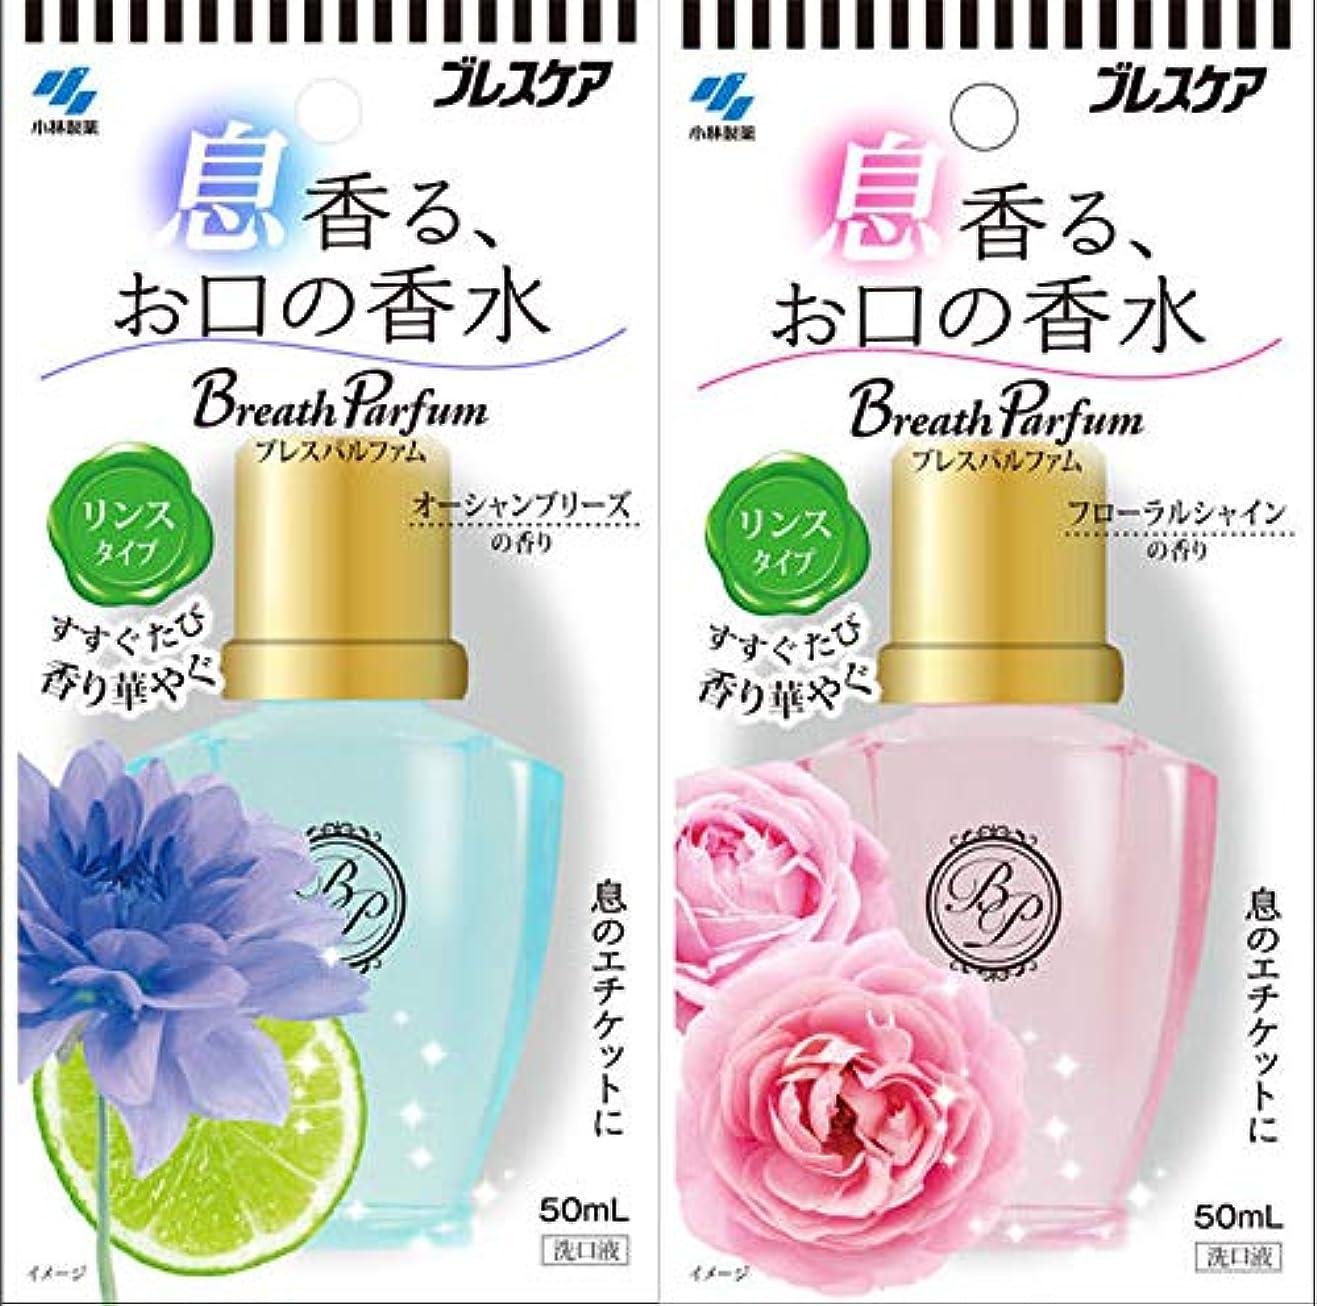 【2種セット】ブレスパルファム 息香る お口の香水 マウスウォッシュ 各50ml